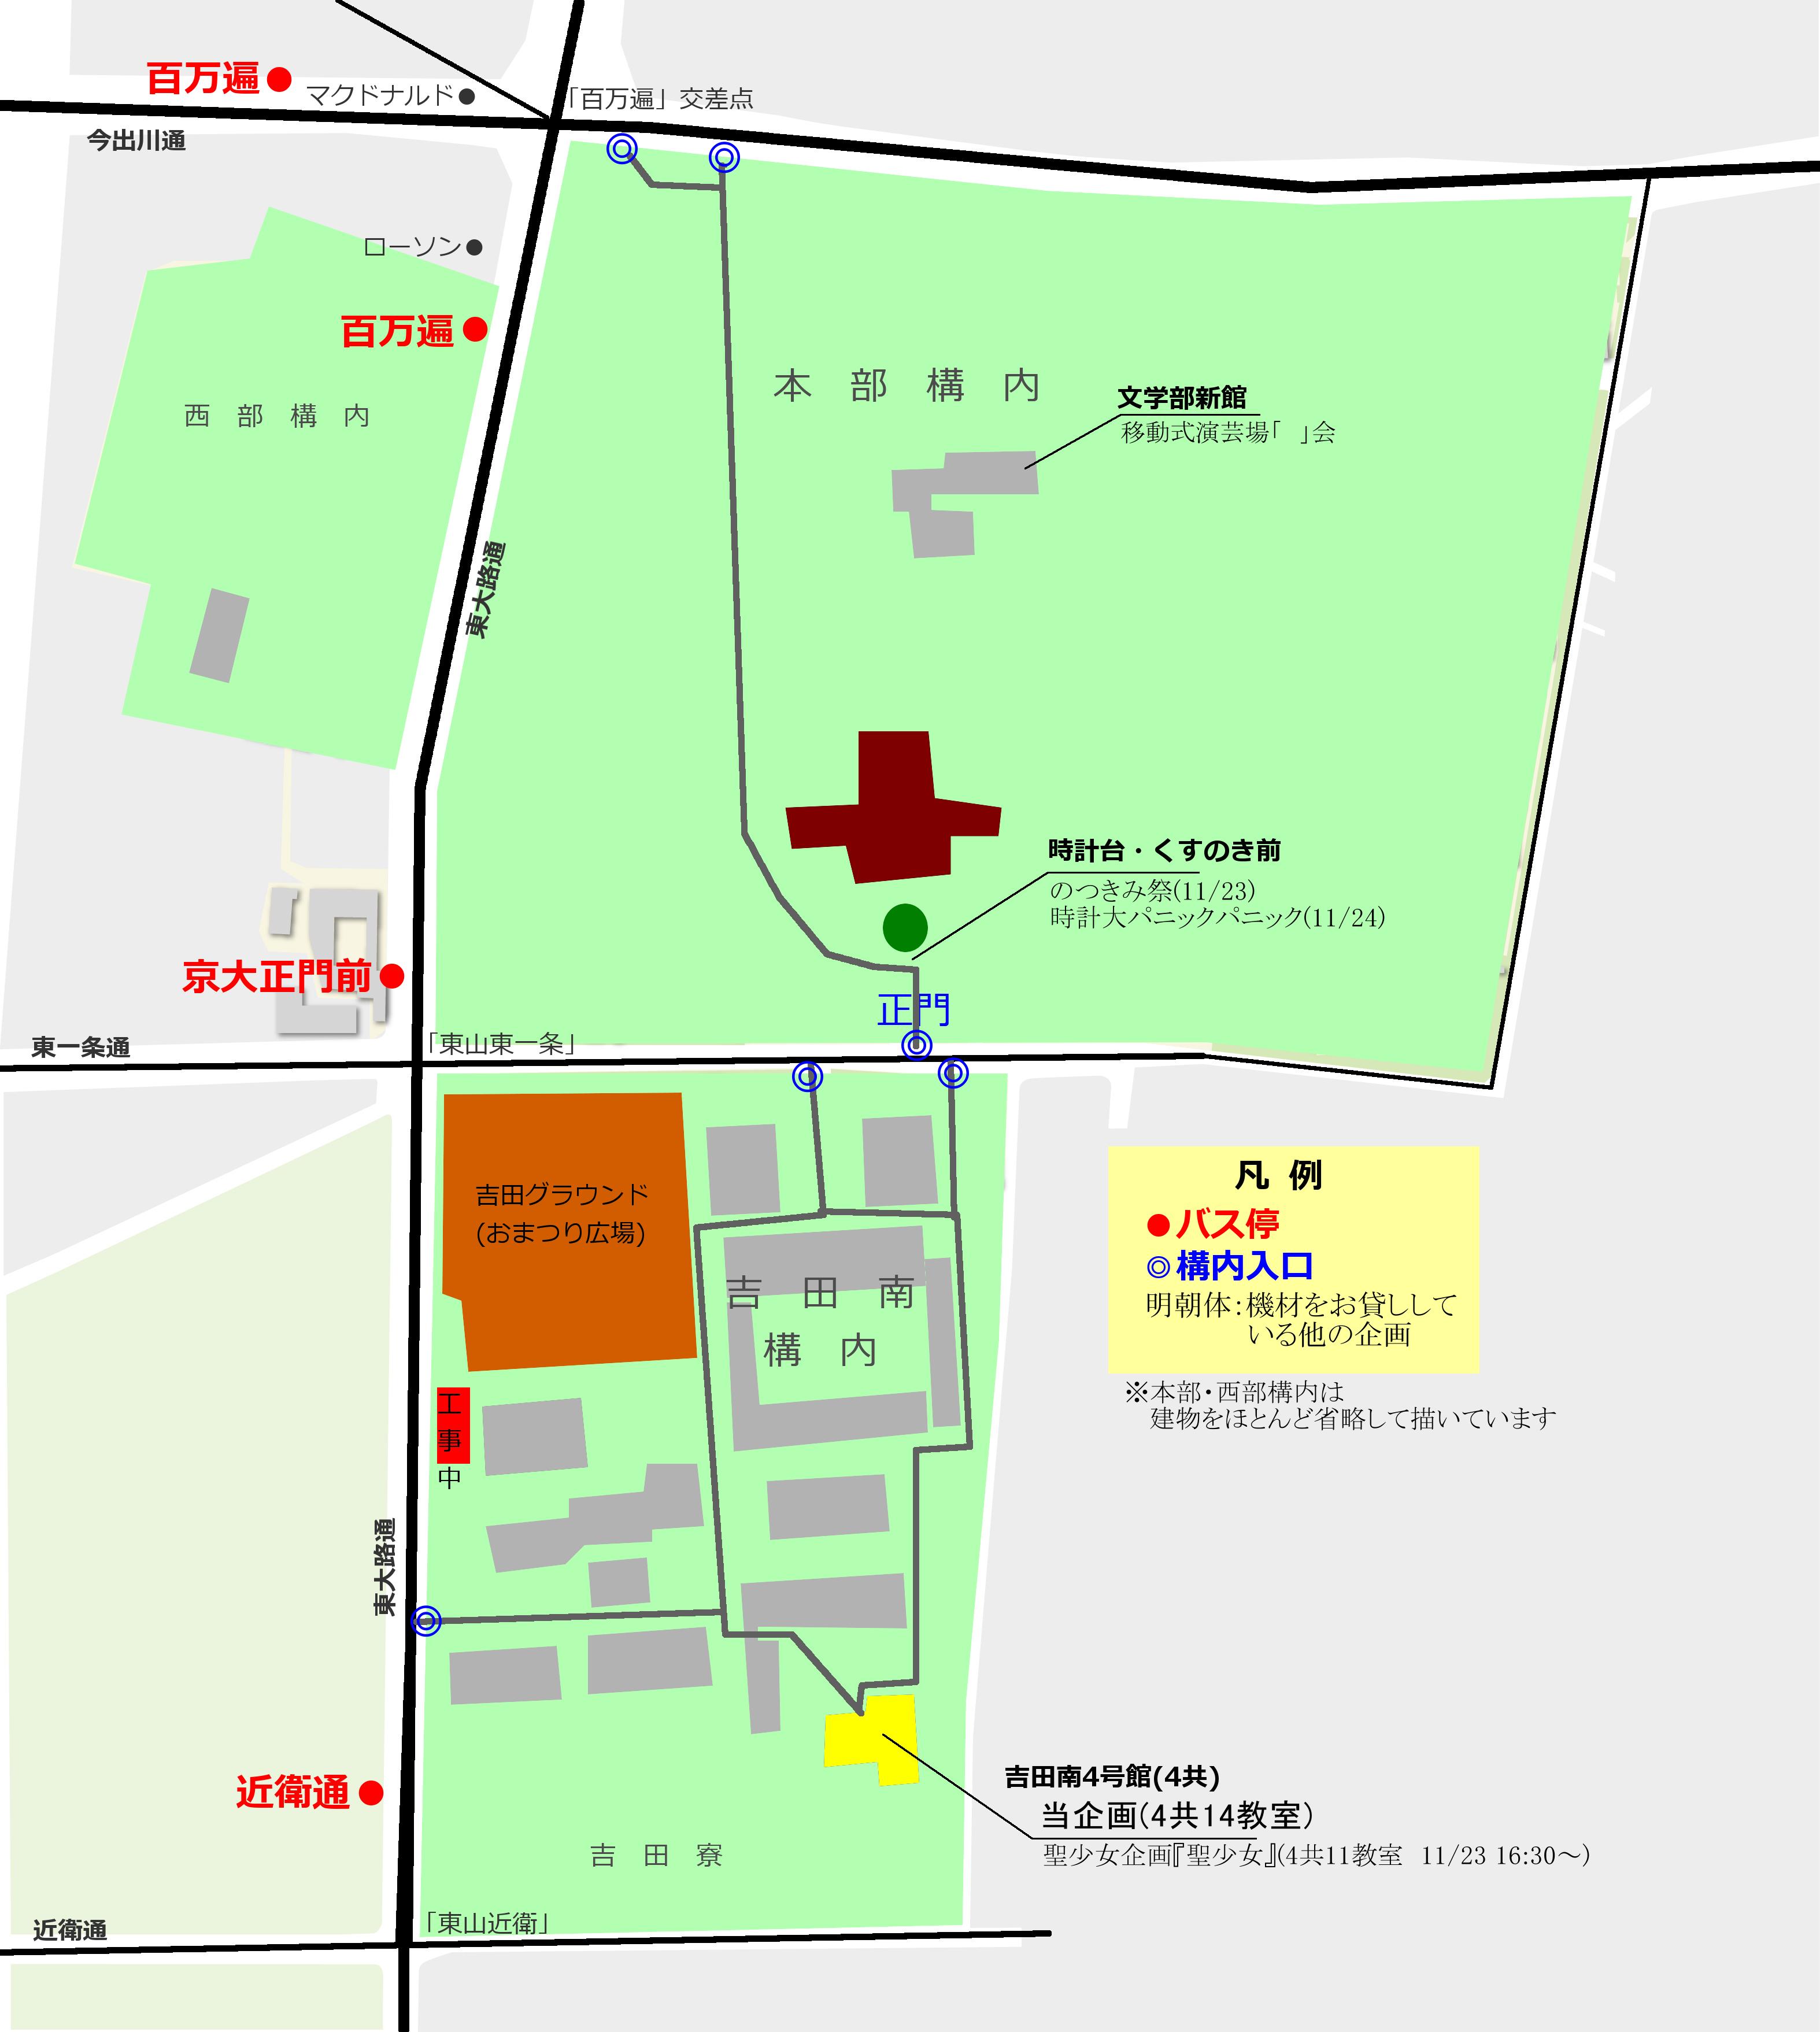 kizaimap_l.png